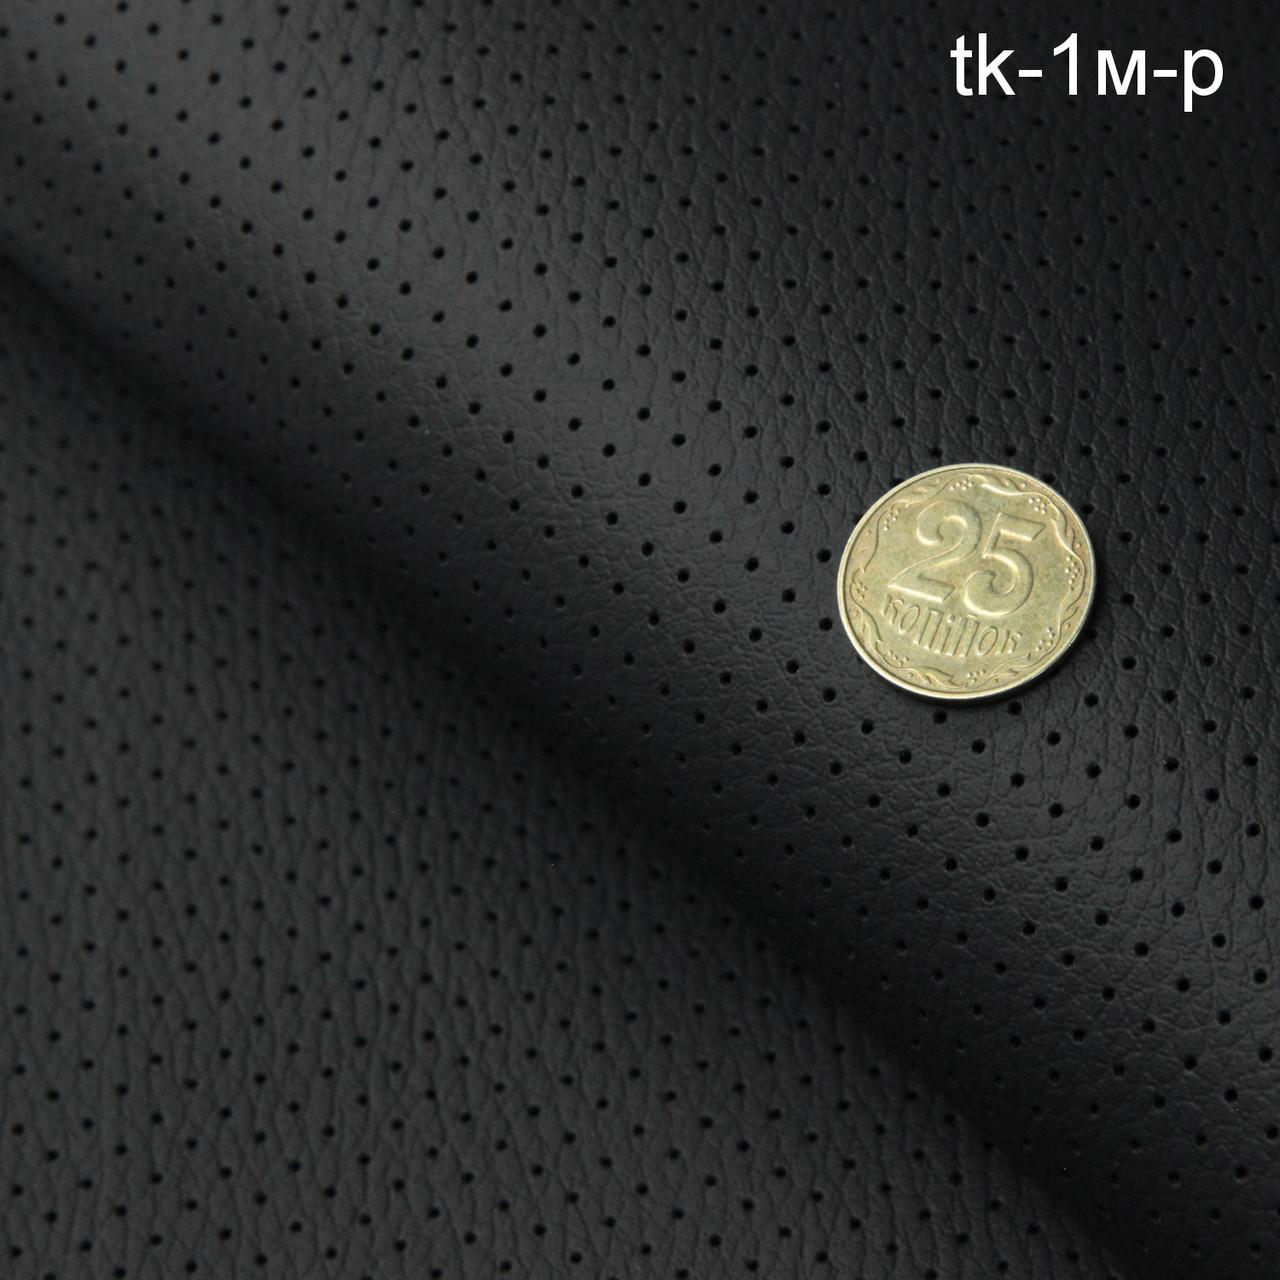 Термовинил чорний перфорований (структурний, матовий) для перетяжки керма, дверних карт авто